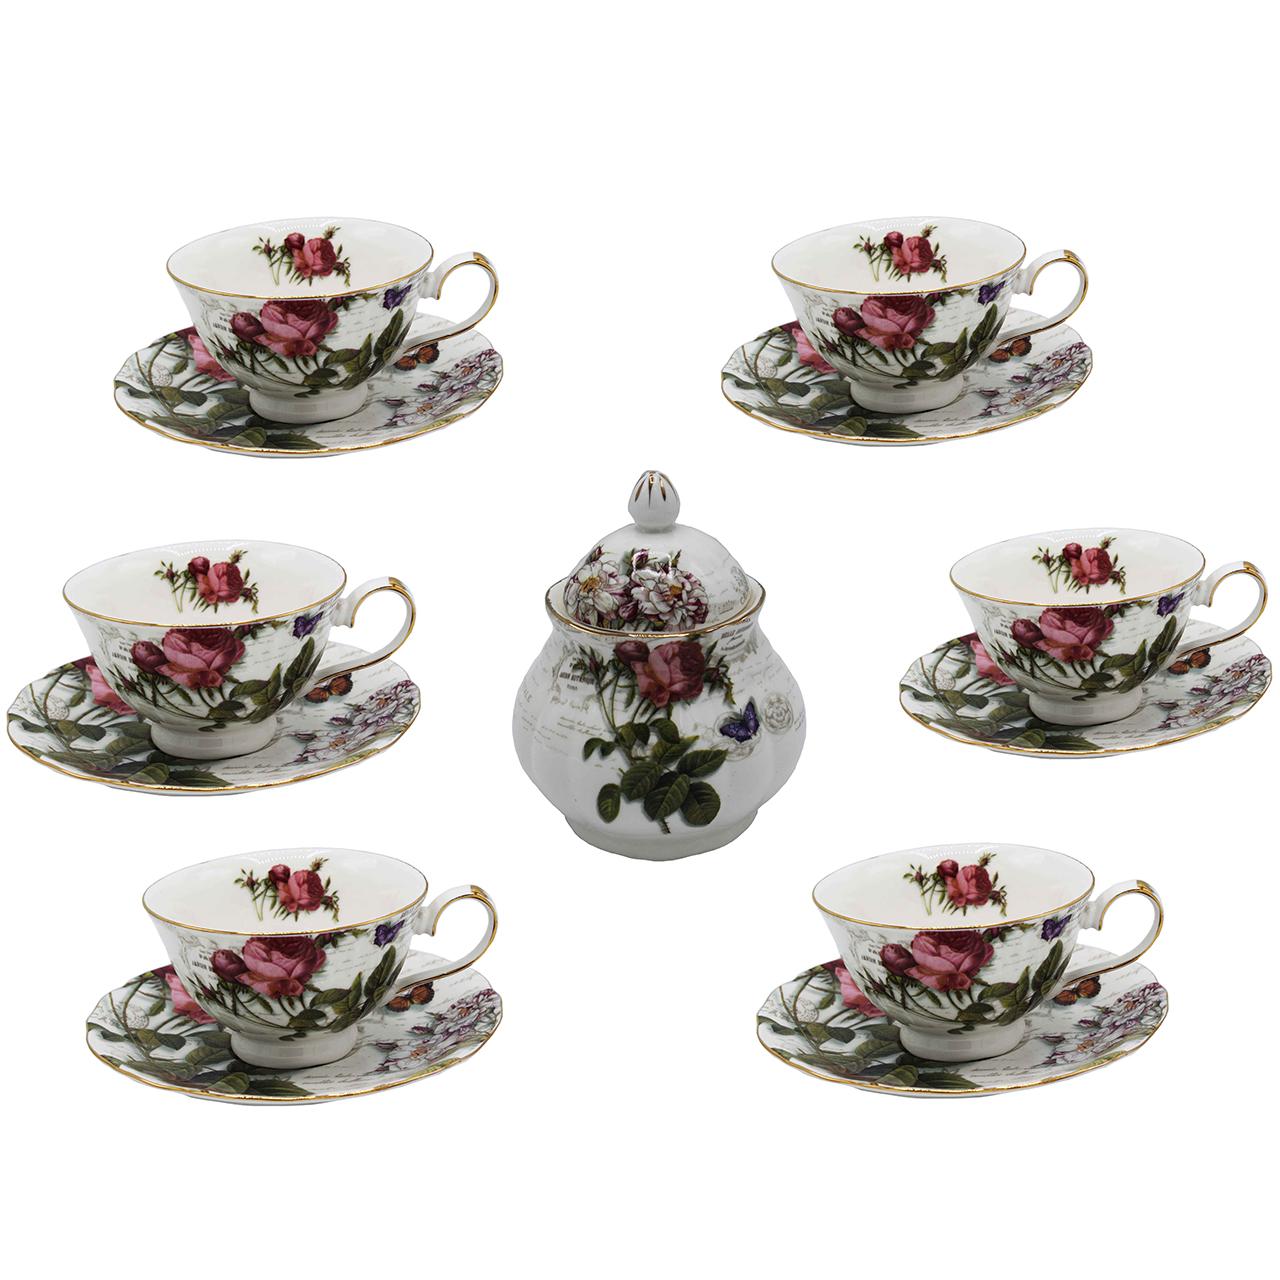 عکس سرویس چای خوری پی طرح لمونژ کد 4015